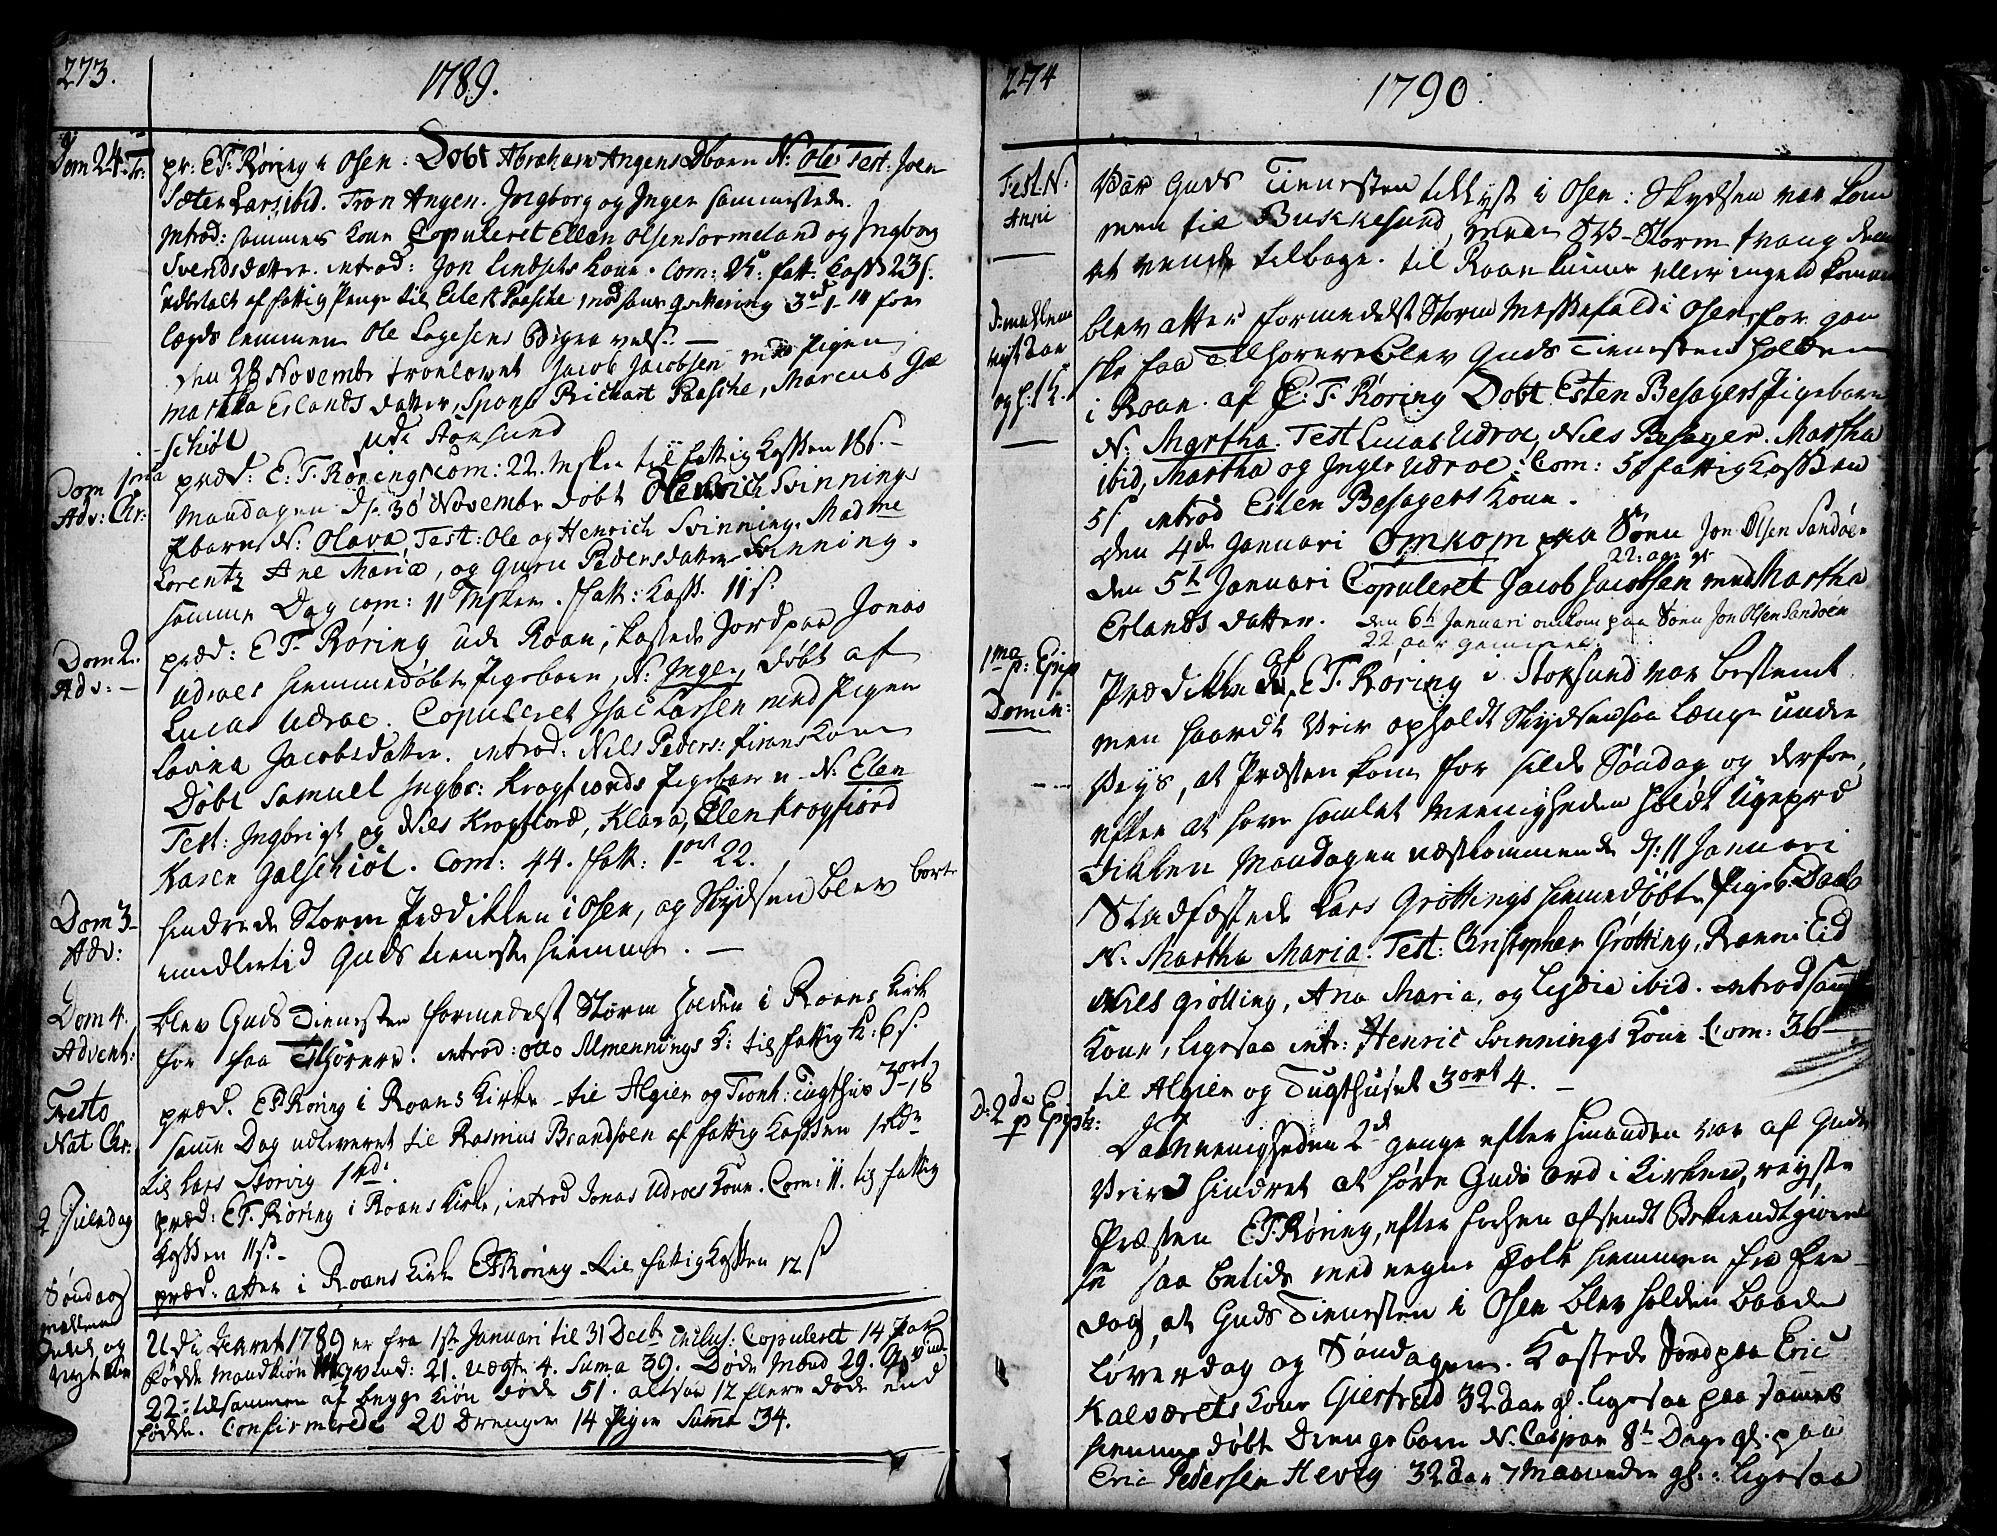 SAT, Ministerialprotokoller, klokkerbøker og fødselsregistre - Sør-Trøndelag, 657/L0700: Ministerialbok nr. 657A01, 1732-1801, s. 373-374